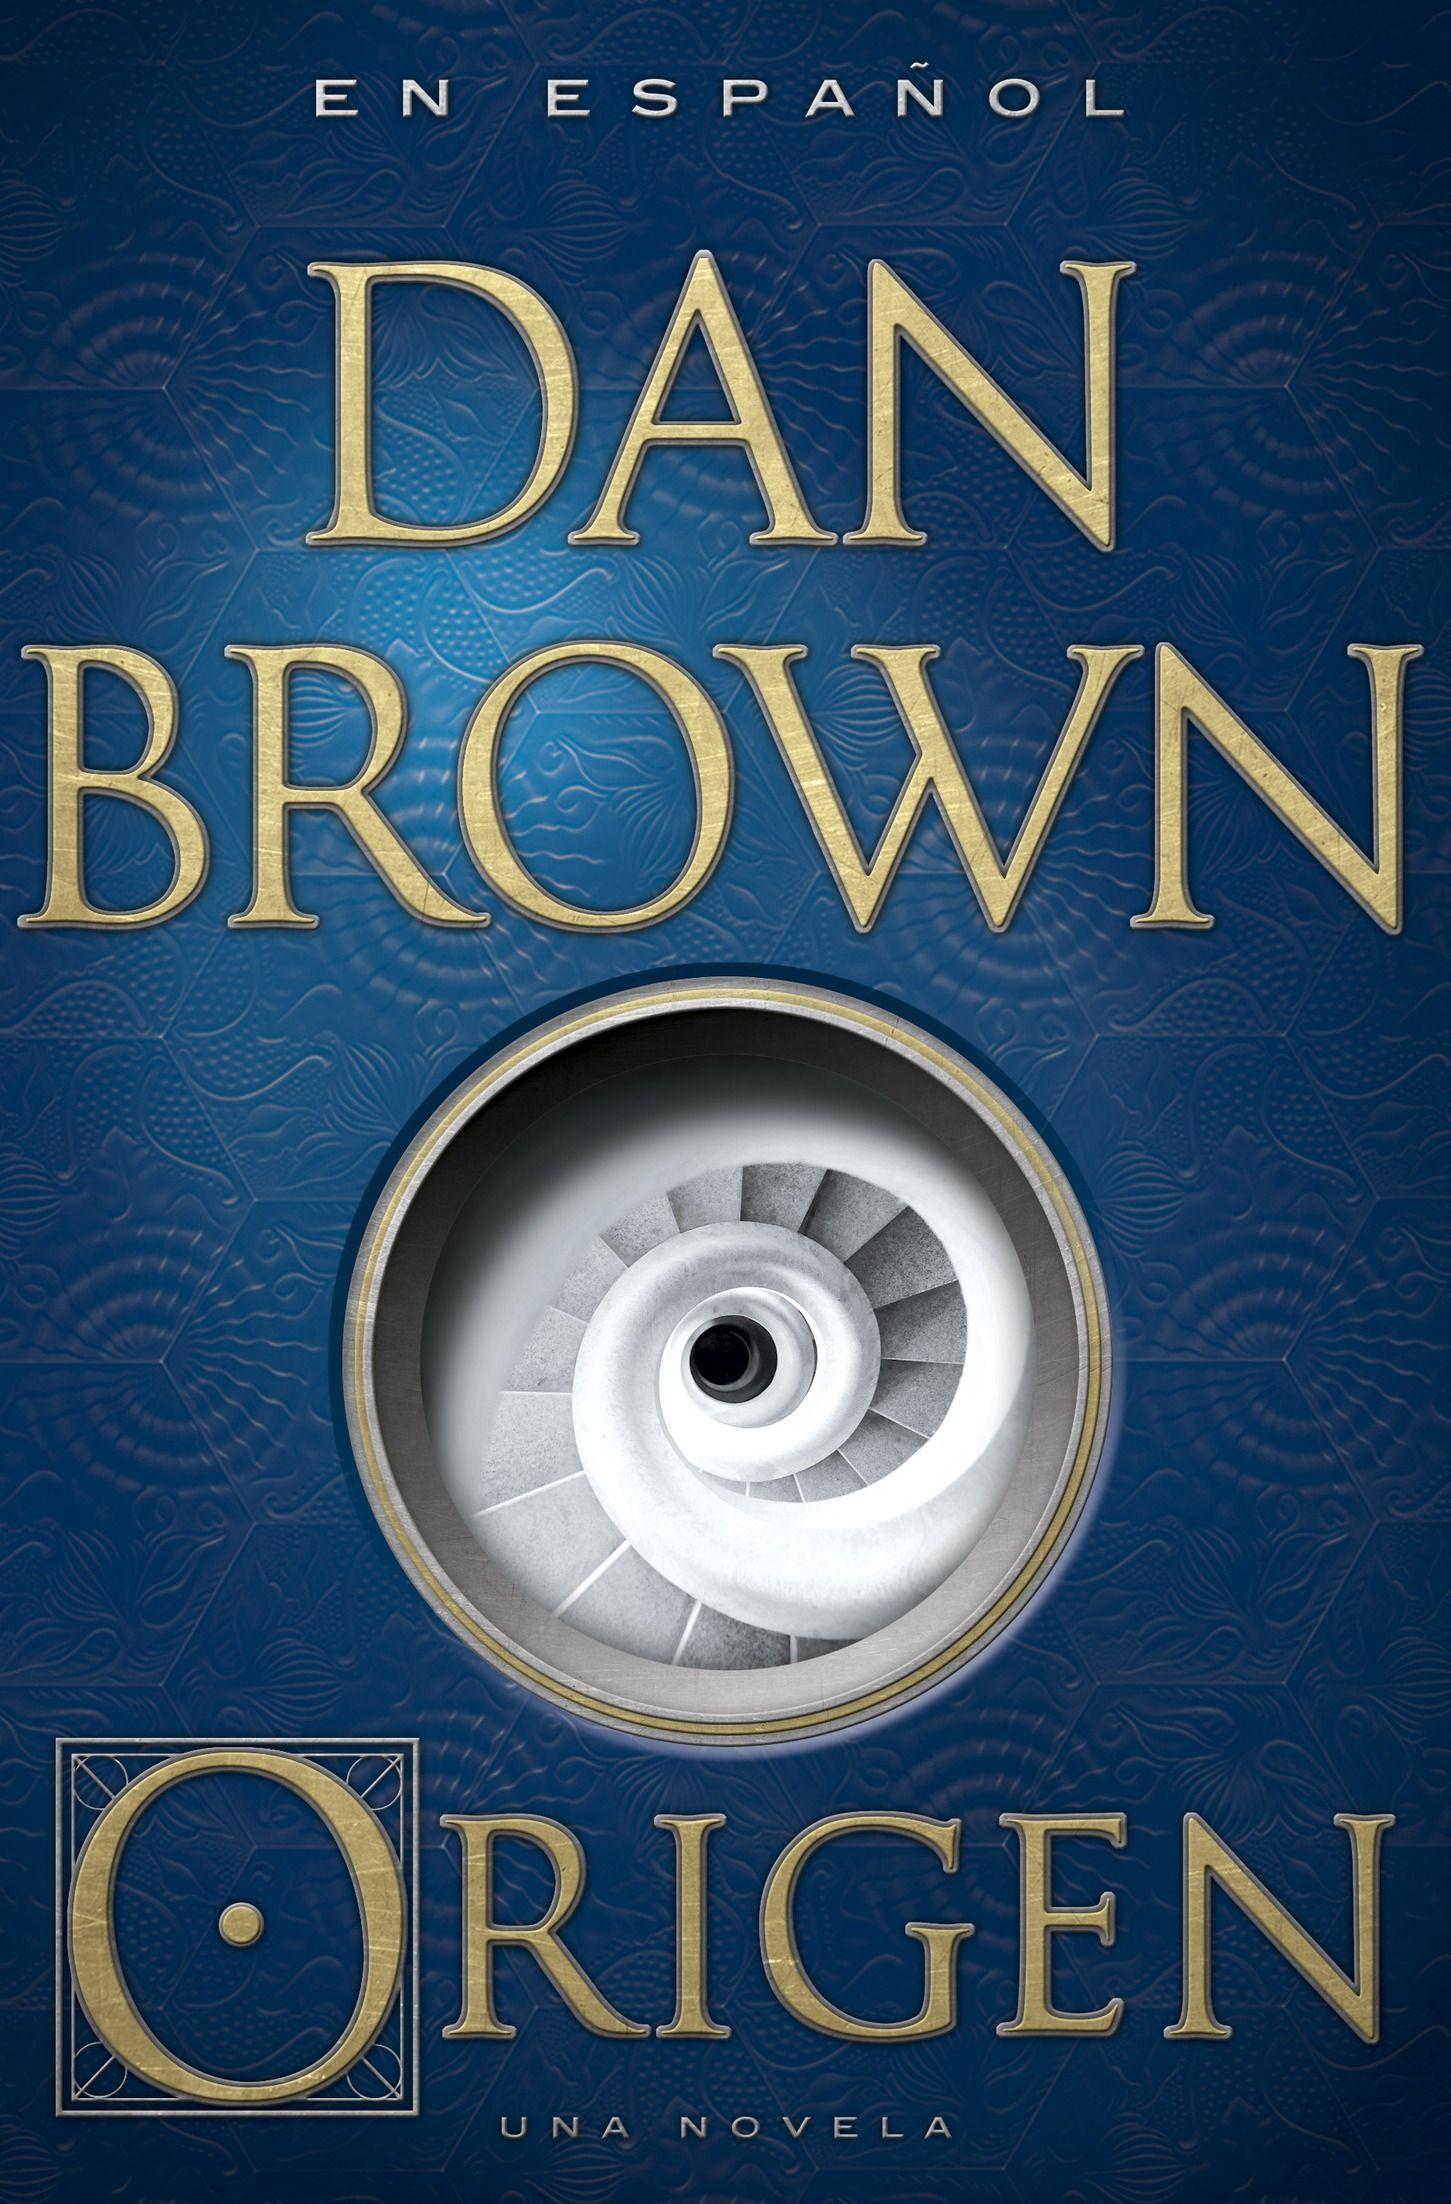 Download pdf origin by dan brown free download pdf pinterest download pdf origin by dan brown fandeluxe Choice Image